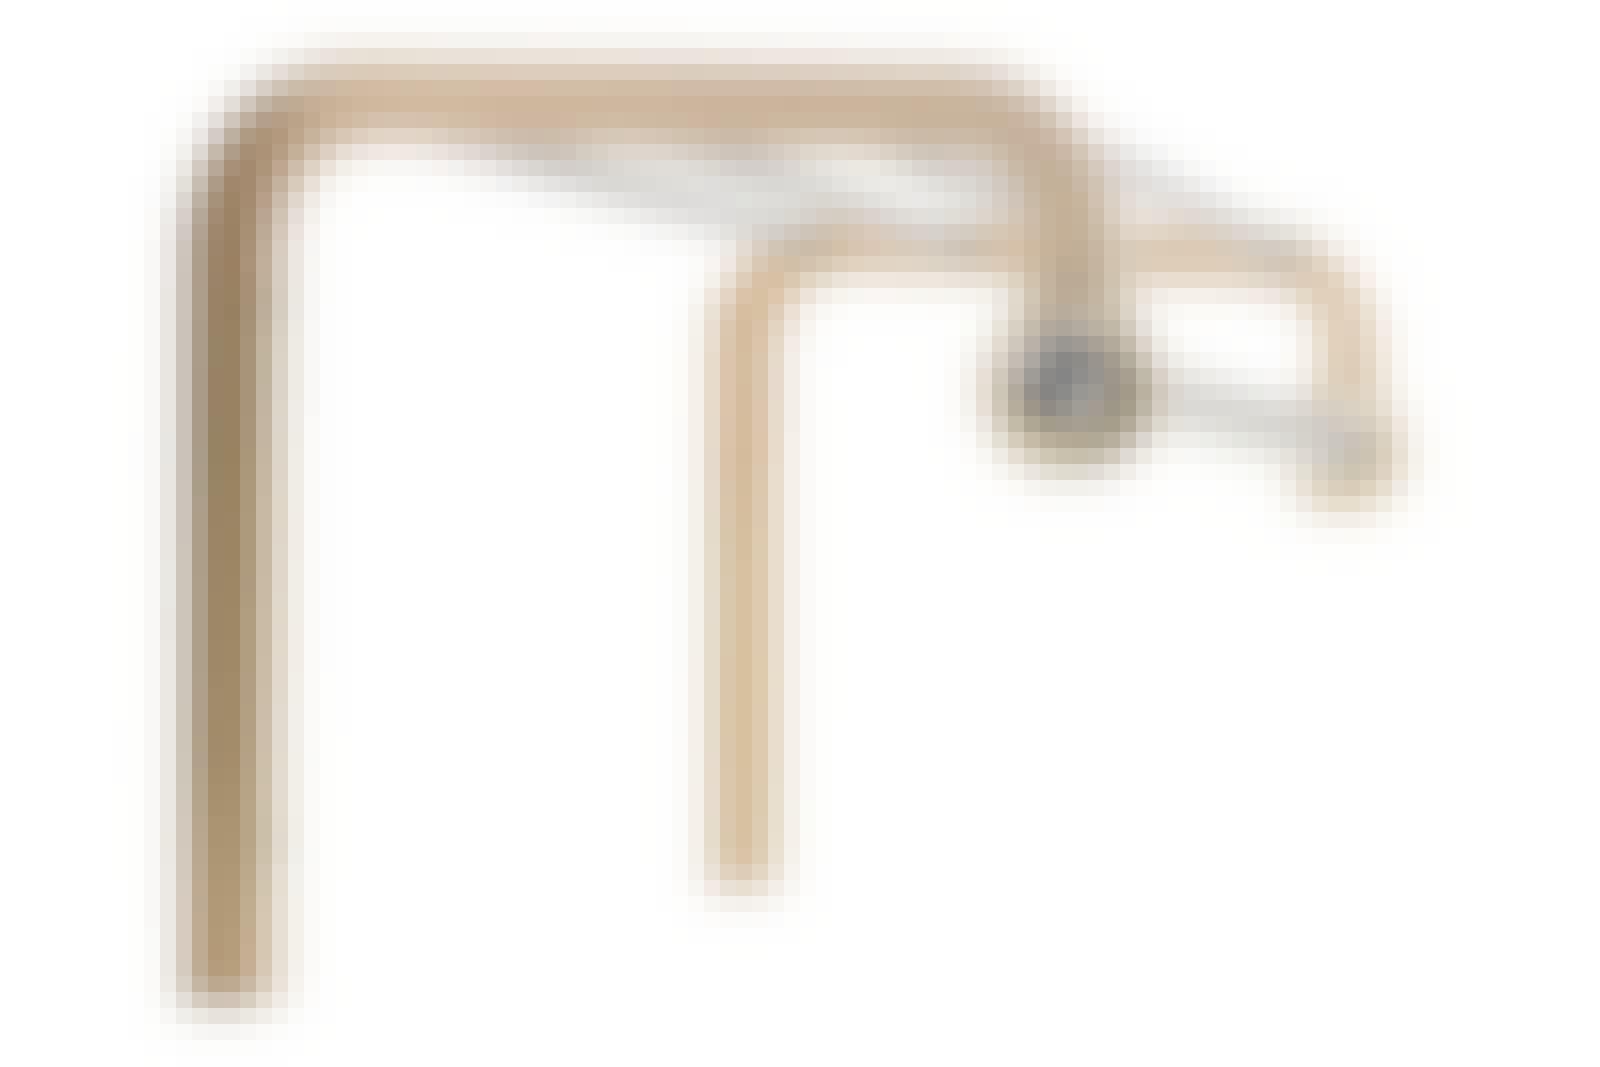 Hattehylle fra Norrgavel.